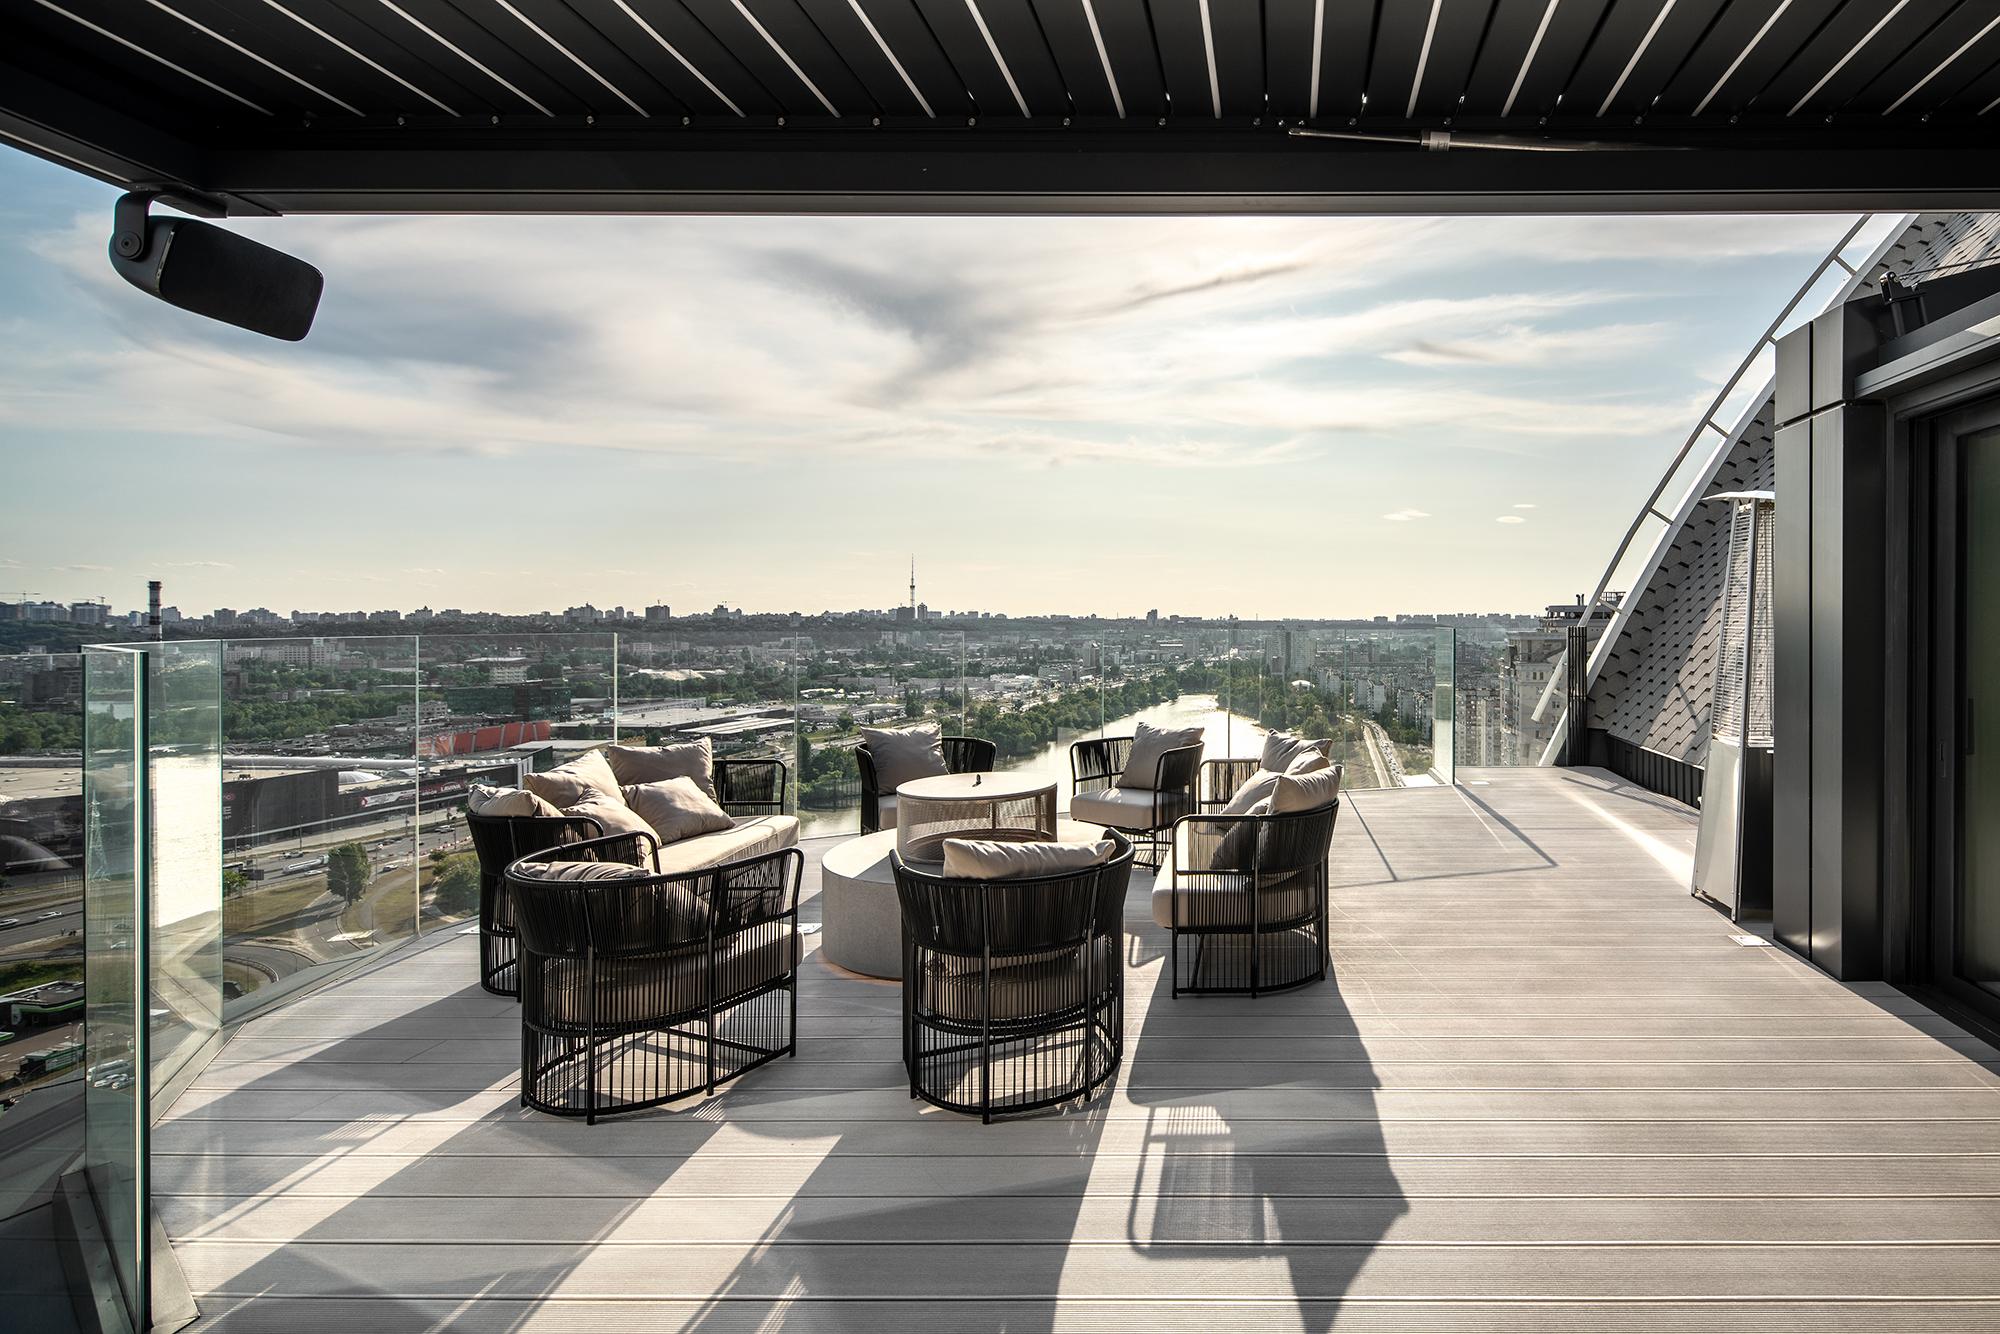 Penthouse 180 DSC06061-HDR